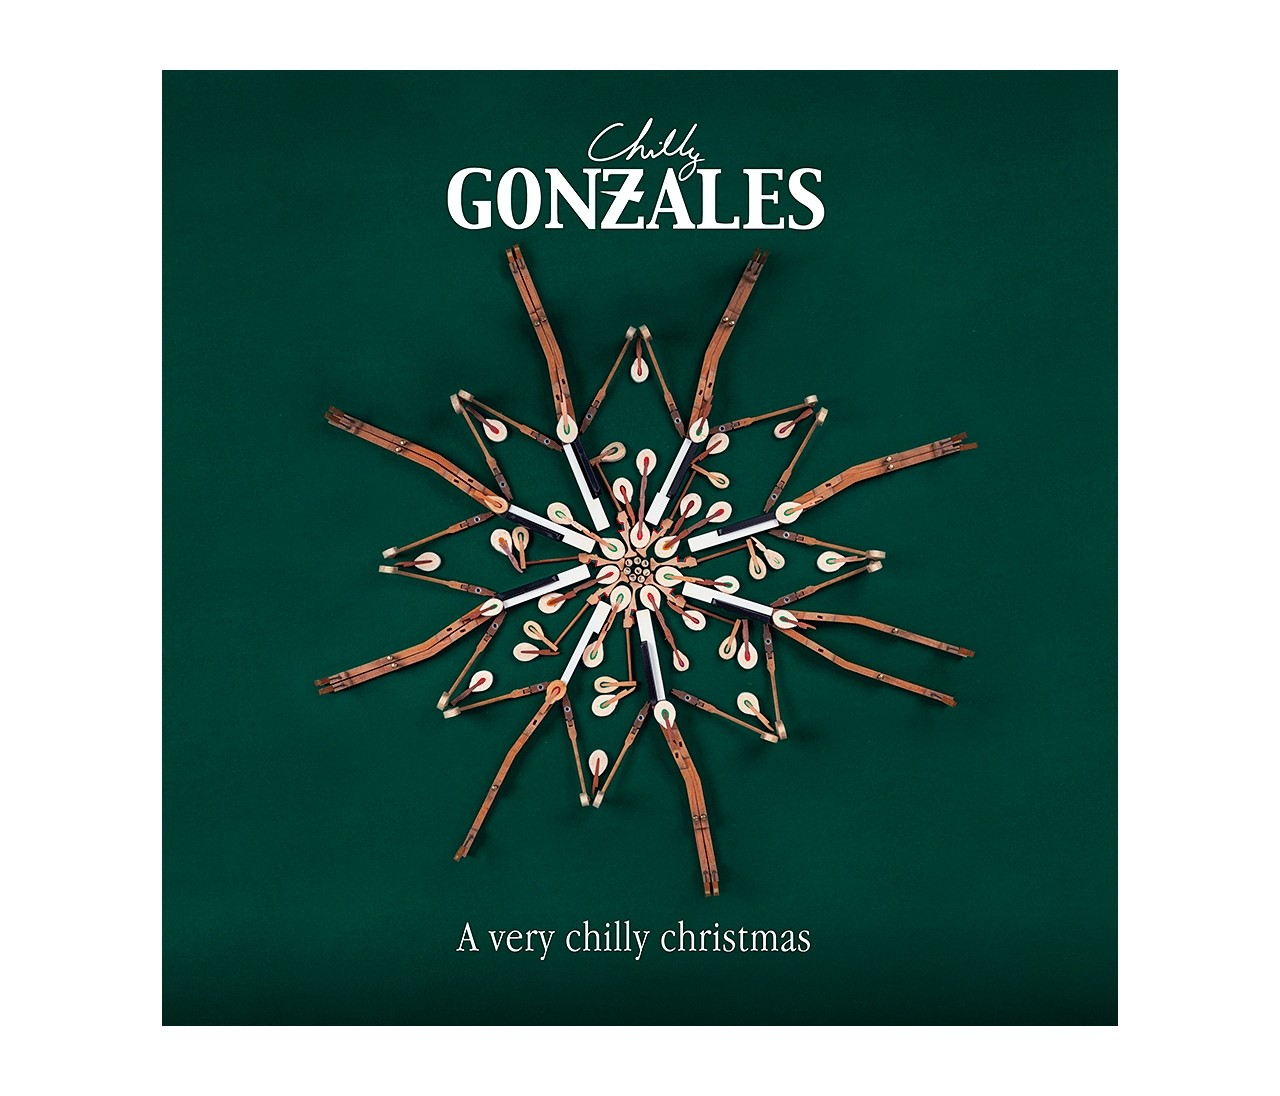 チリー・ゴンザレスのクリスマスアルバム『ア・ベリー・チリー・クリスマス』をレビュー!【30代のための音楽ナビ】